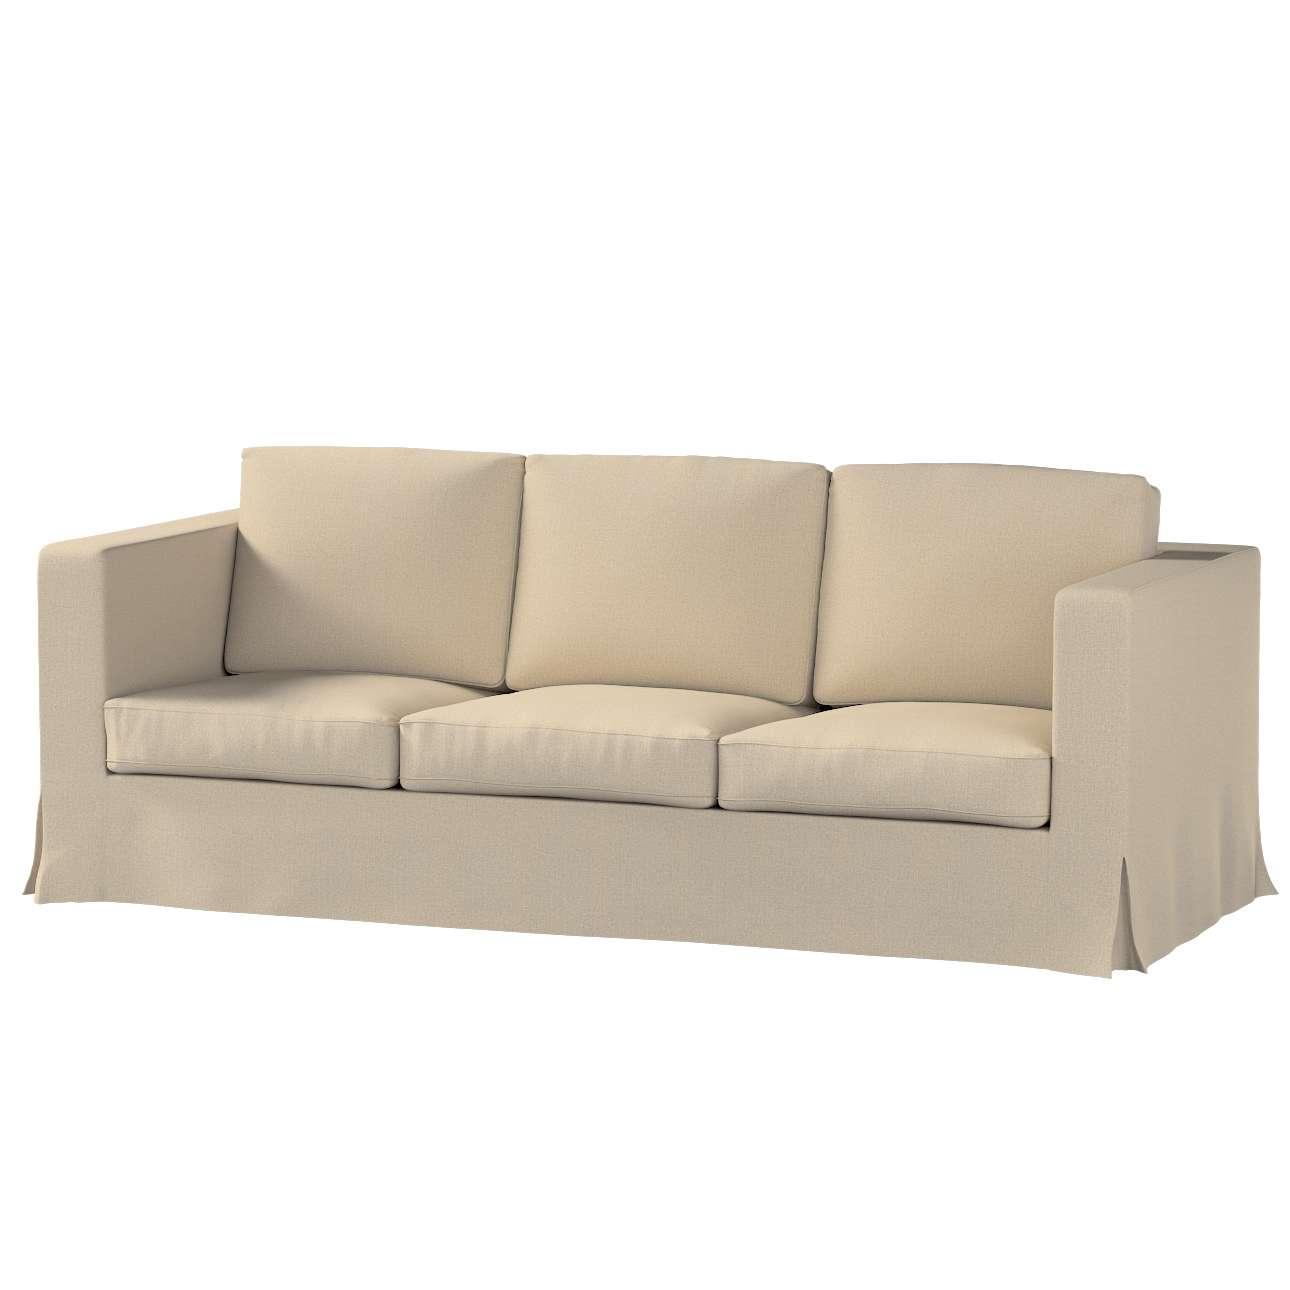 Pokrowiec na sofę Karlanda 3-osobową nierozkładaną, długi Sofa Karlanda 3-os w kolekcji Edinburgh, tkanina: 115-78